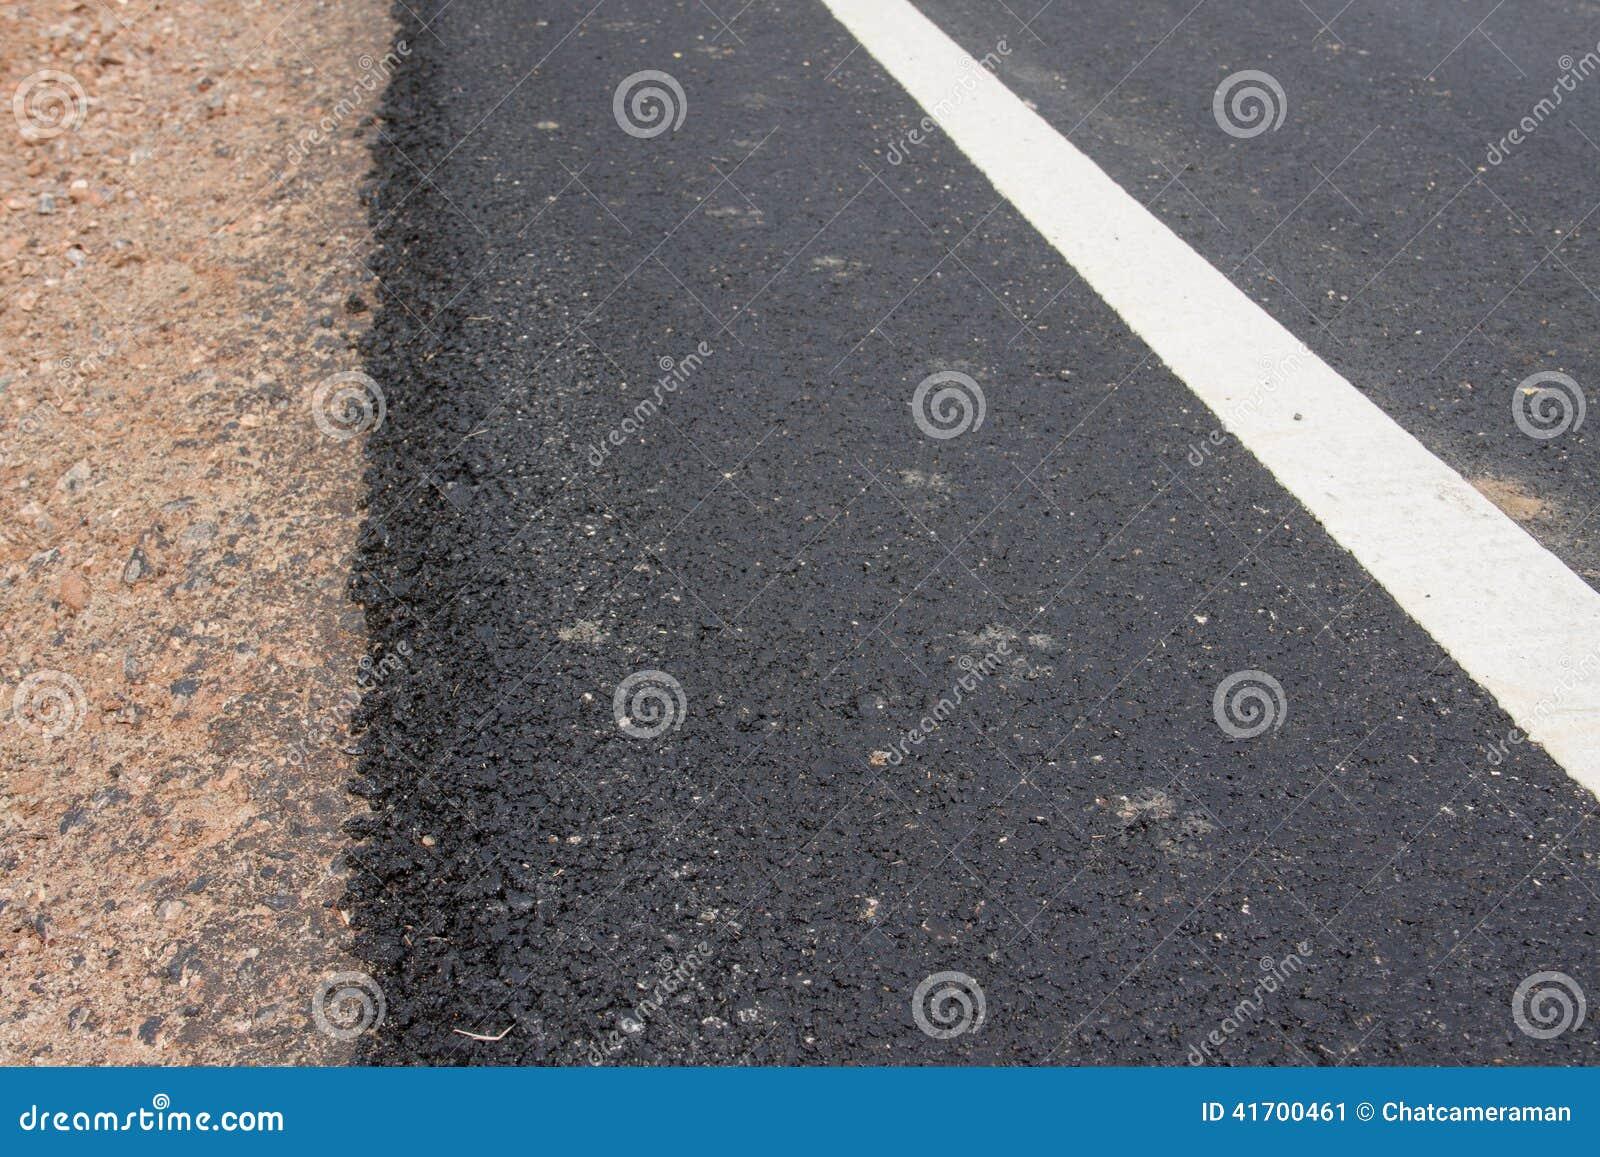 Asphalt roadside stock photo image 41700461 for Soil material